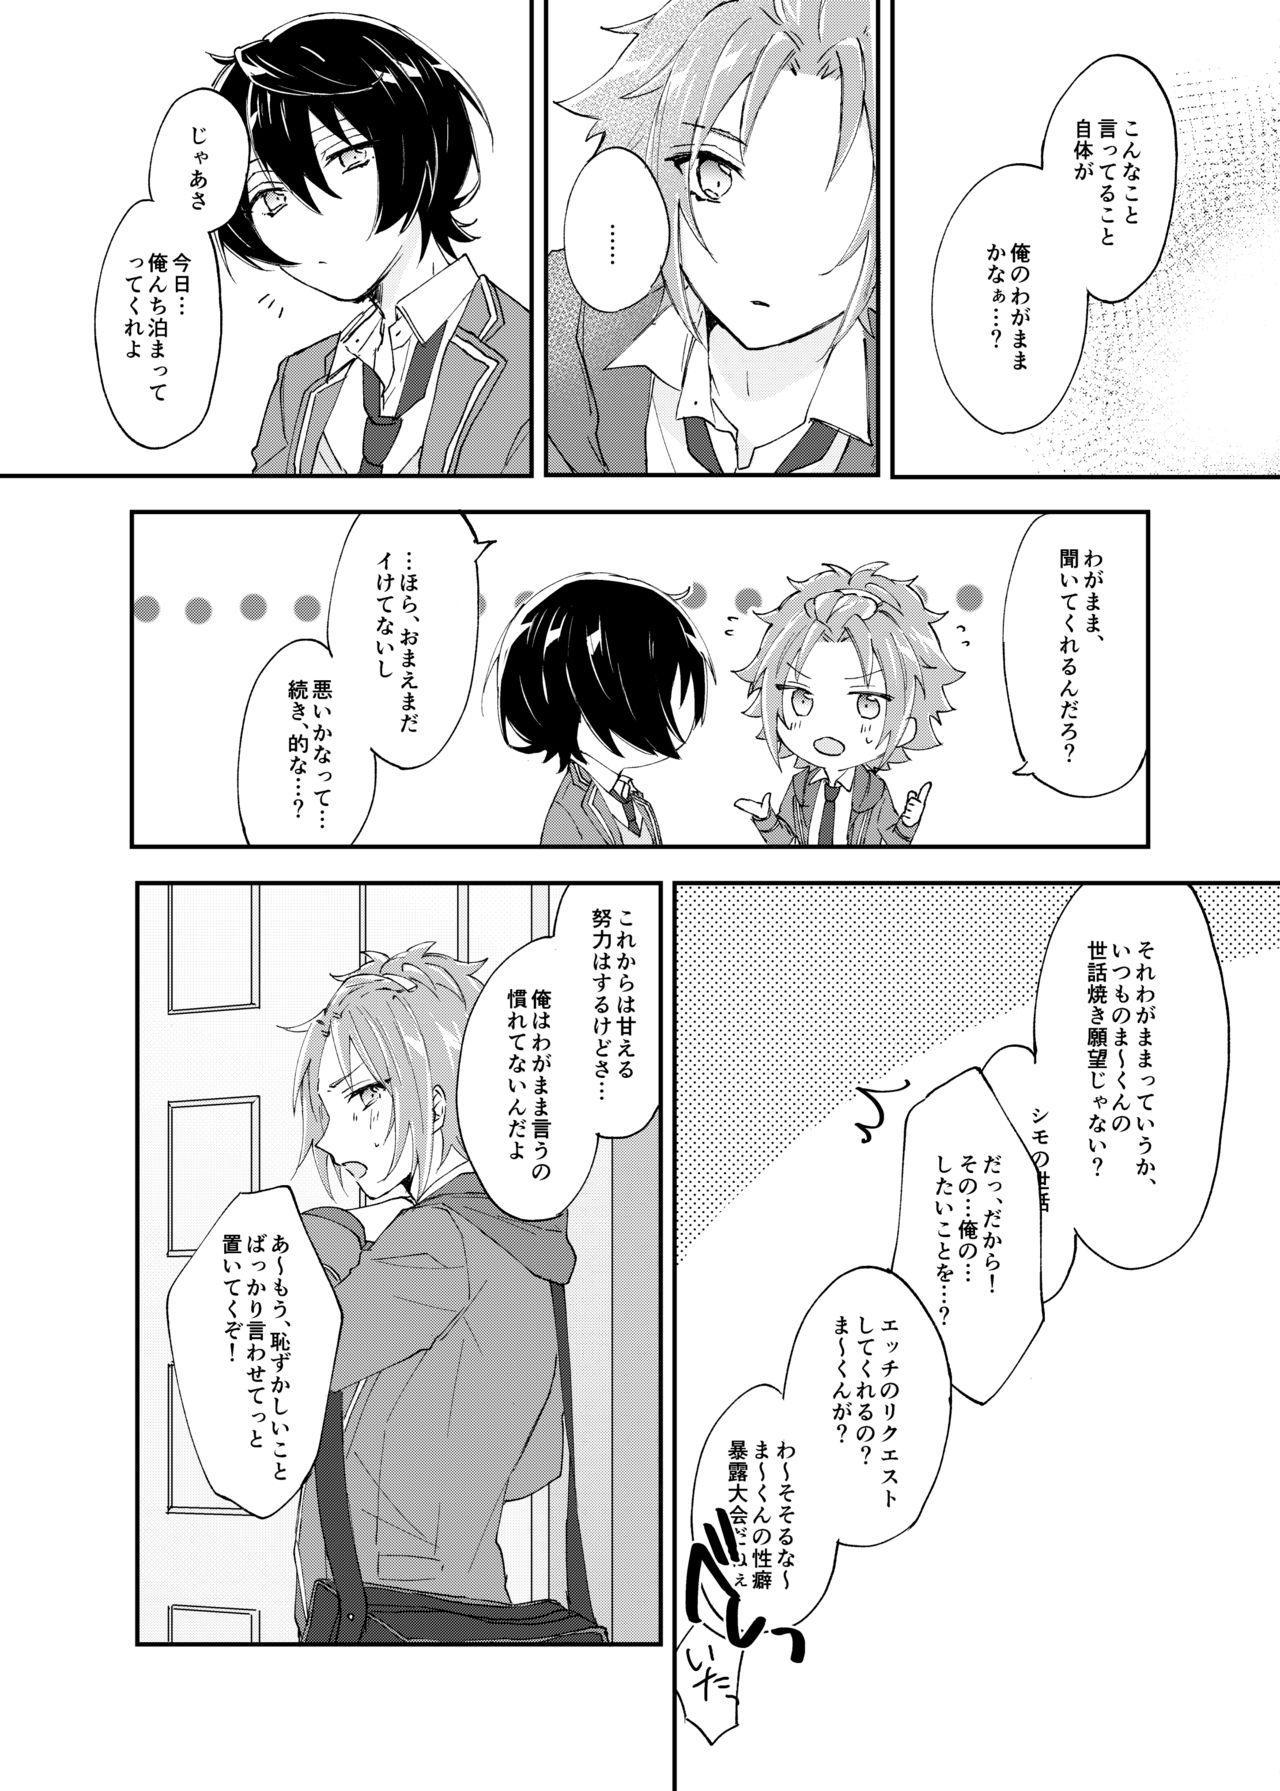 Rou o Tokashite 23